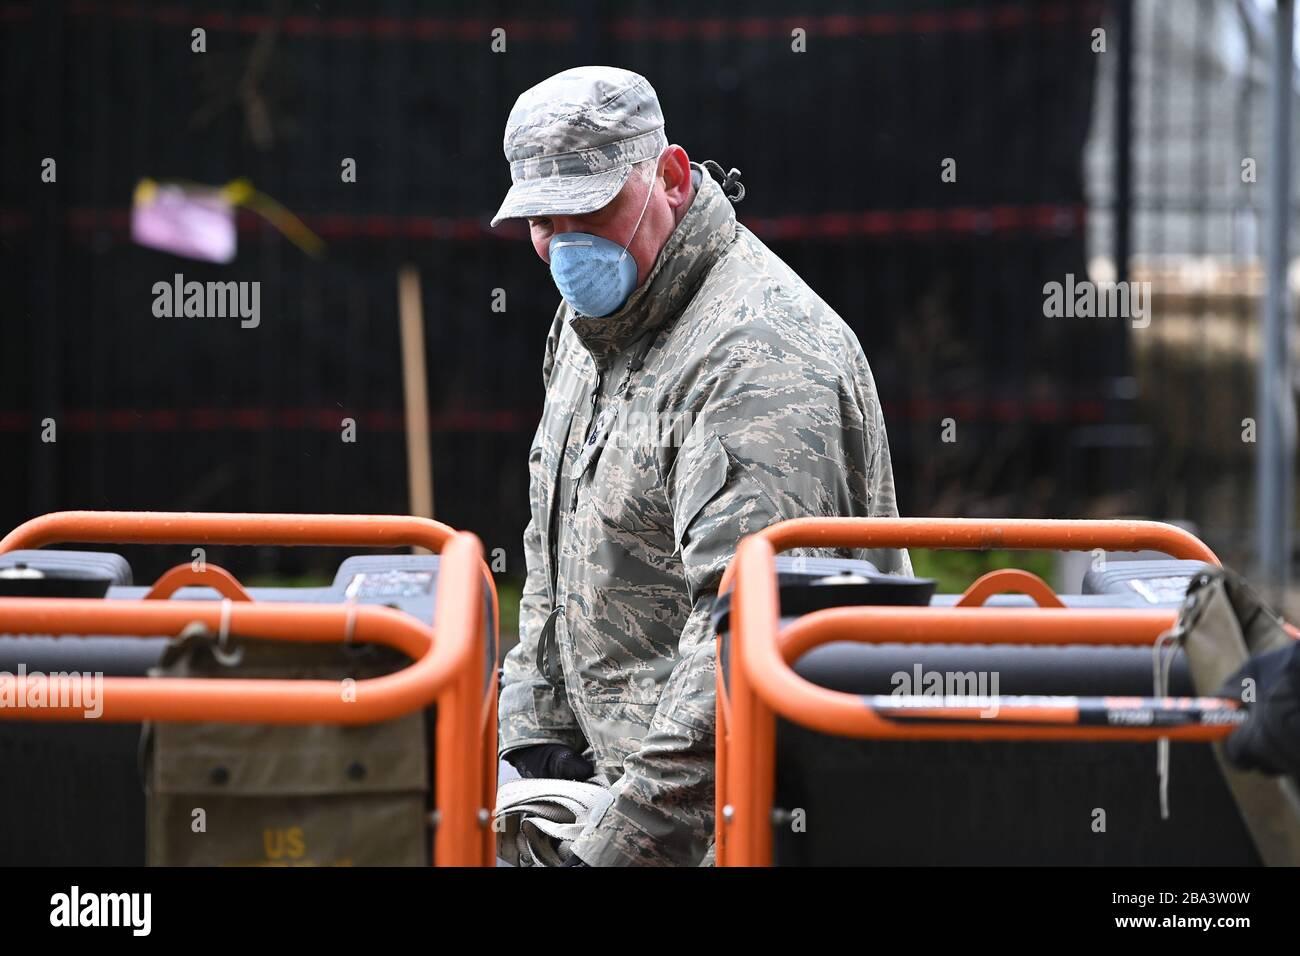 Ciudad de Nueva York, EE.UU. 25 de marzo de 2020. Miembros de la Reserva de la Fuerza Aérea establecieron tiendas de campaña y trasladaron equipo médico relacionado a medida que construyen una morgue improvisada fuera del Hospital Bellevue para manejar el número potencial alto de víctimas de Coronavirus, Nueva York, NY, 25 de marzo de 2020. El martes 24 de marzo, Nueva York Gobierno. Adrew Cuomo predijo que aquellos infectados con COVID-19 podrían llegar a más de 100,000 con 40,000 que necesitan cuidados intensivos. (Anthony Behar/Sipa USA) crédito: SIPA USA/Alamy Live News Foto de stock